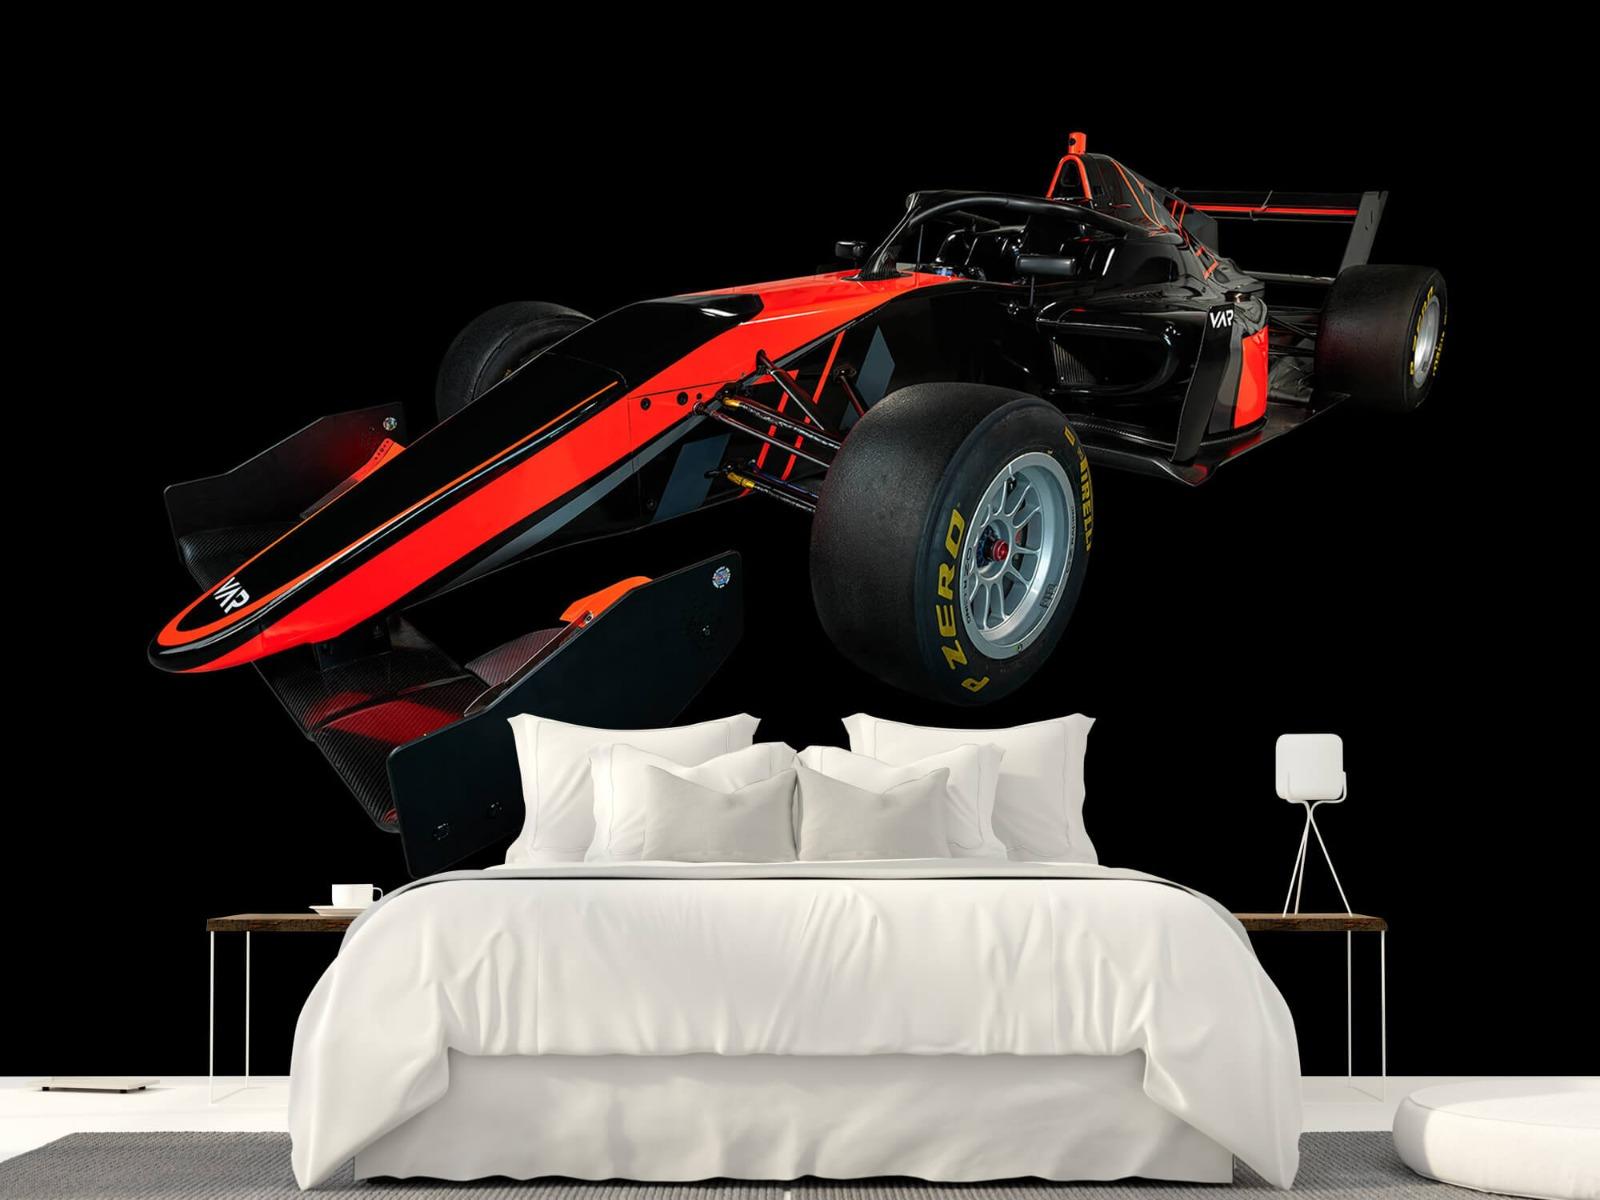 Sportauto's - Formule 3 - Left front view - dark - Vergaderruimte 23